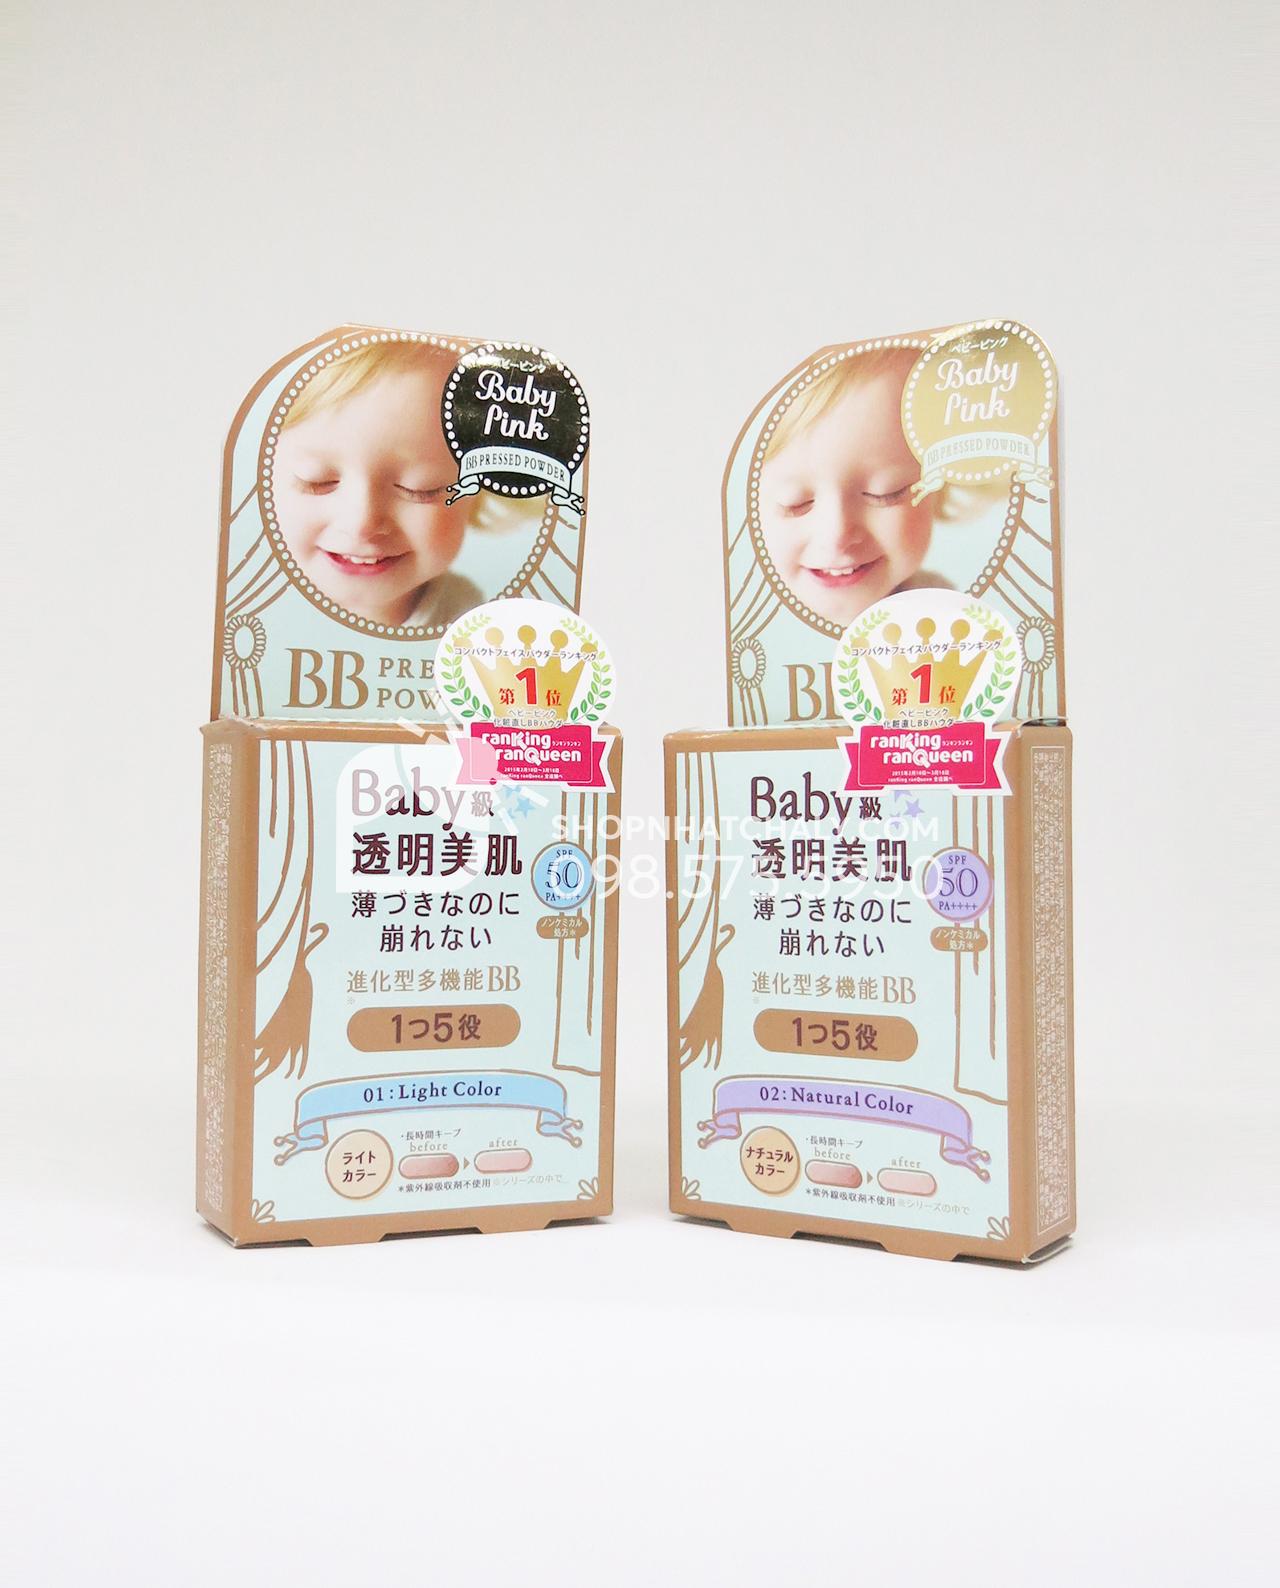 Phấn phủ Baby Pink BB Pressed Powder Nhật Bản mẫu cũ 2016